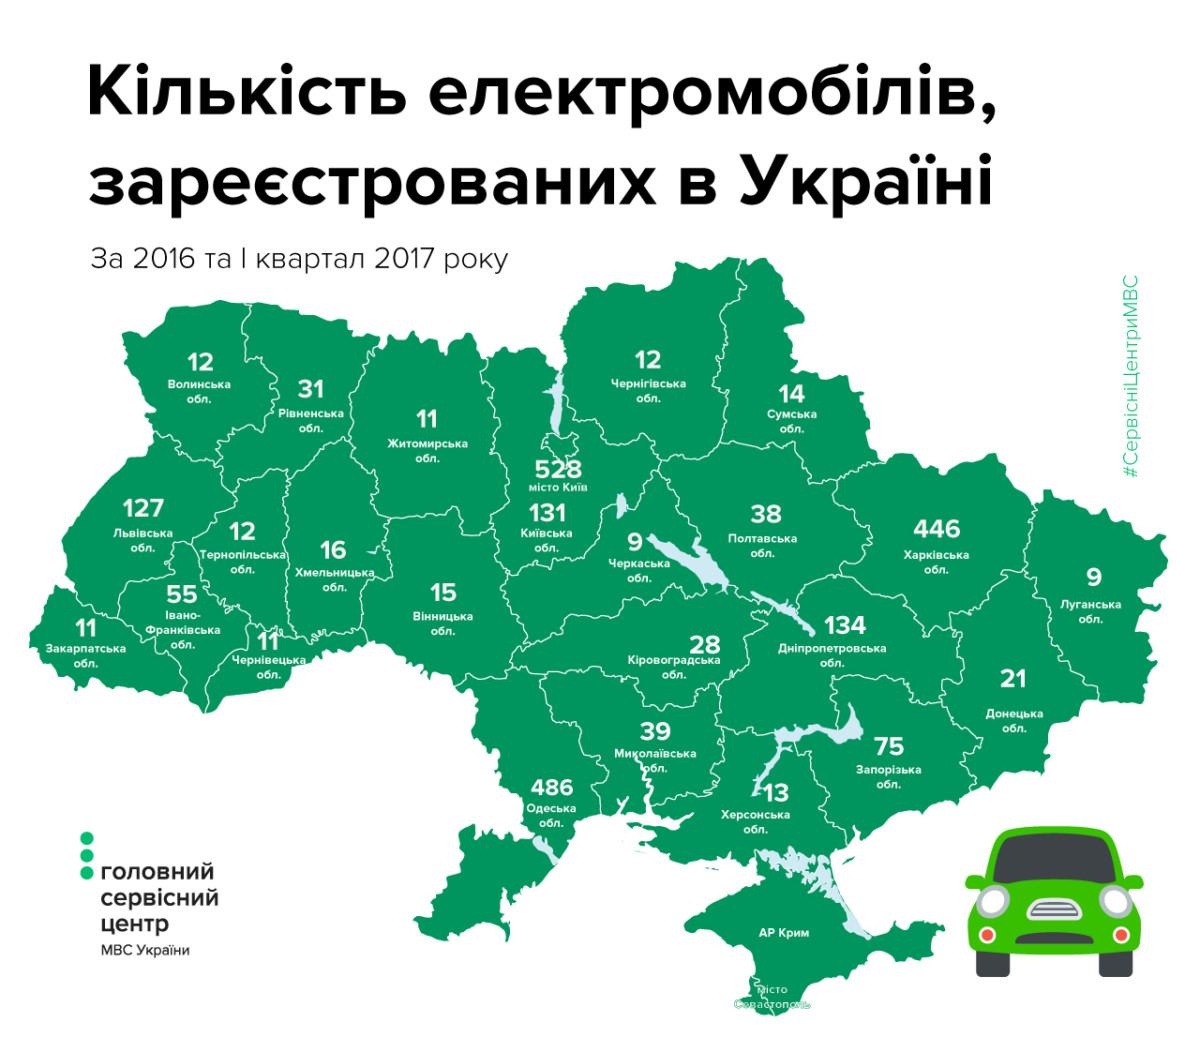 Названы самые популярные электромобили в Украине